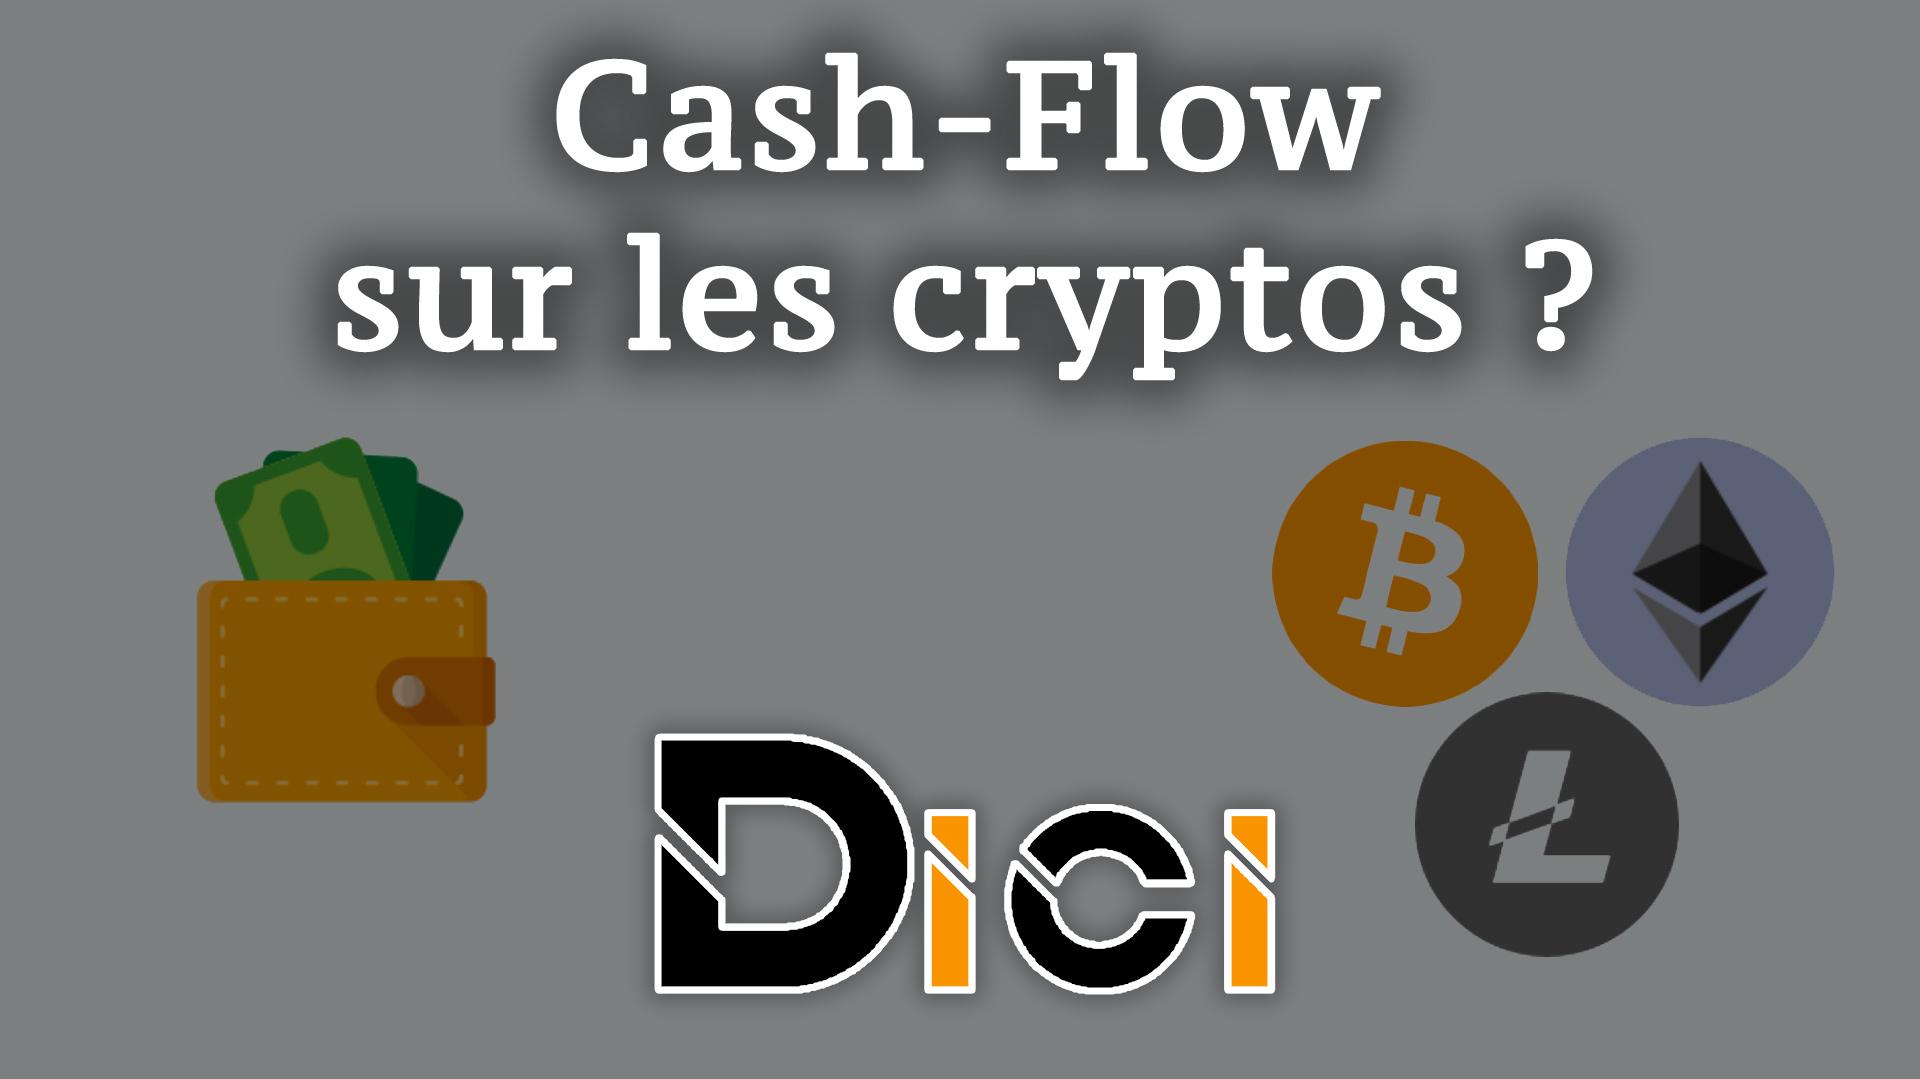 Cash-flow sur les cryptos<span class=